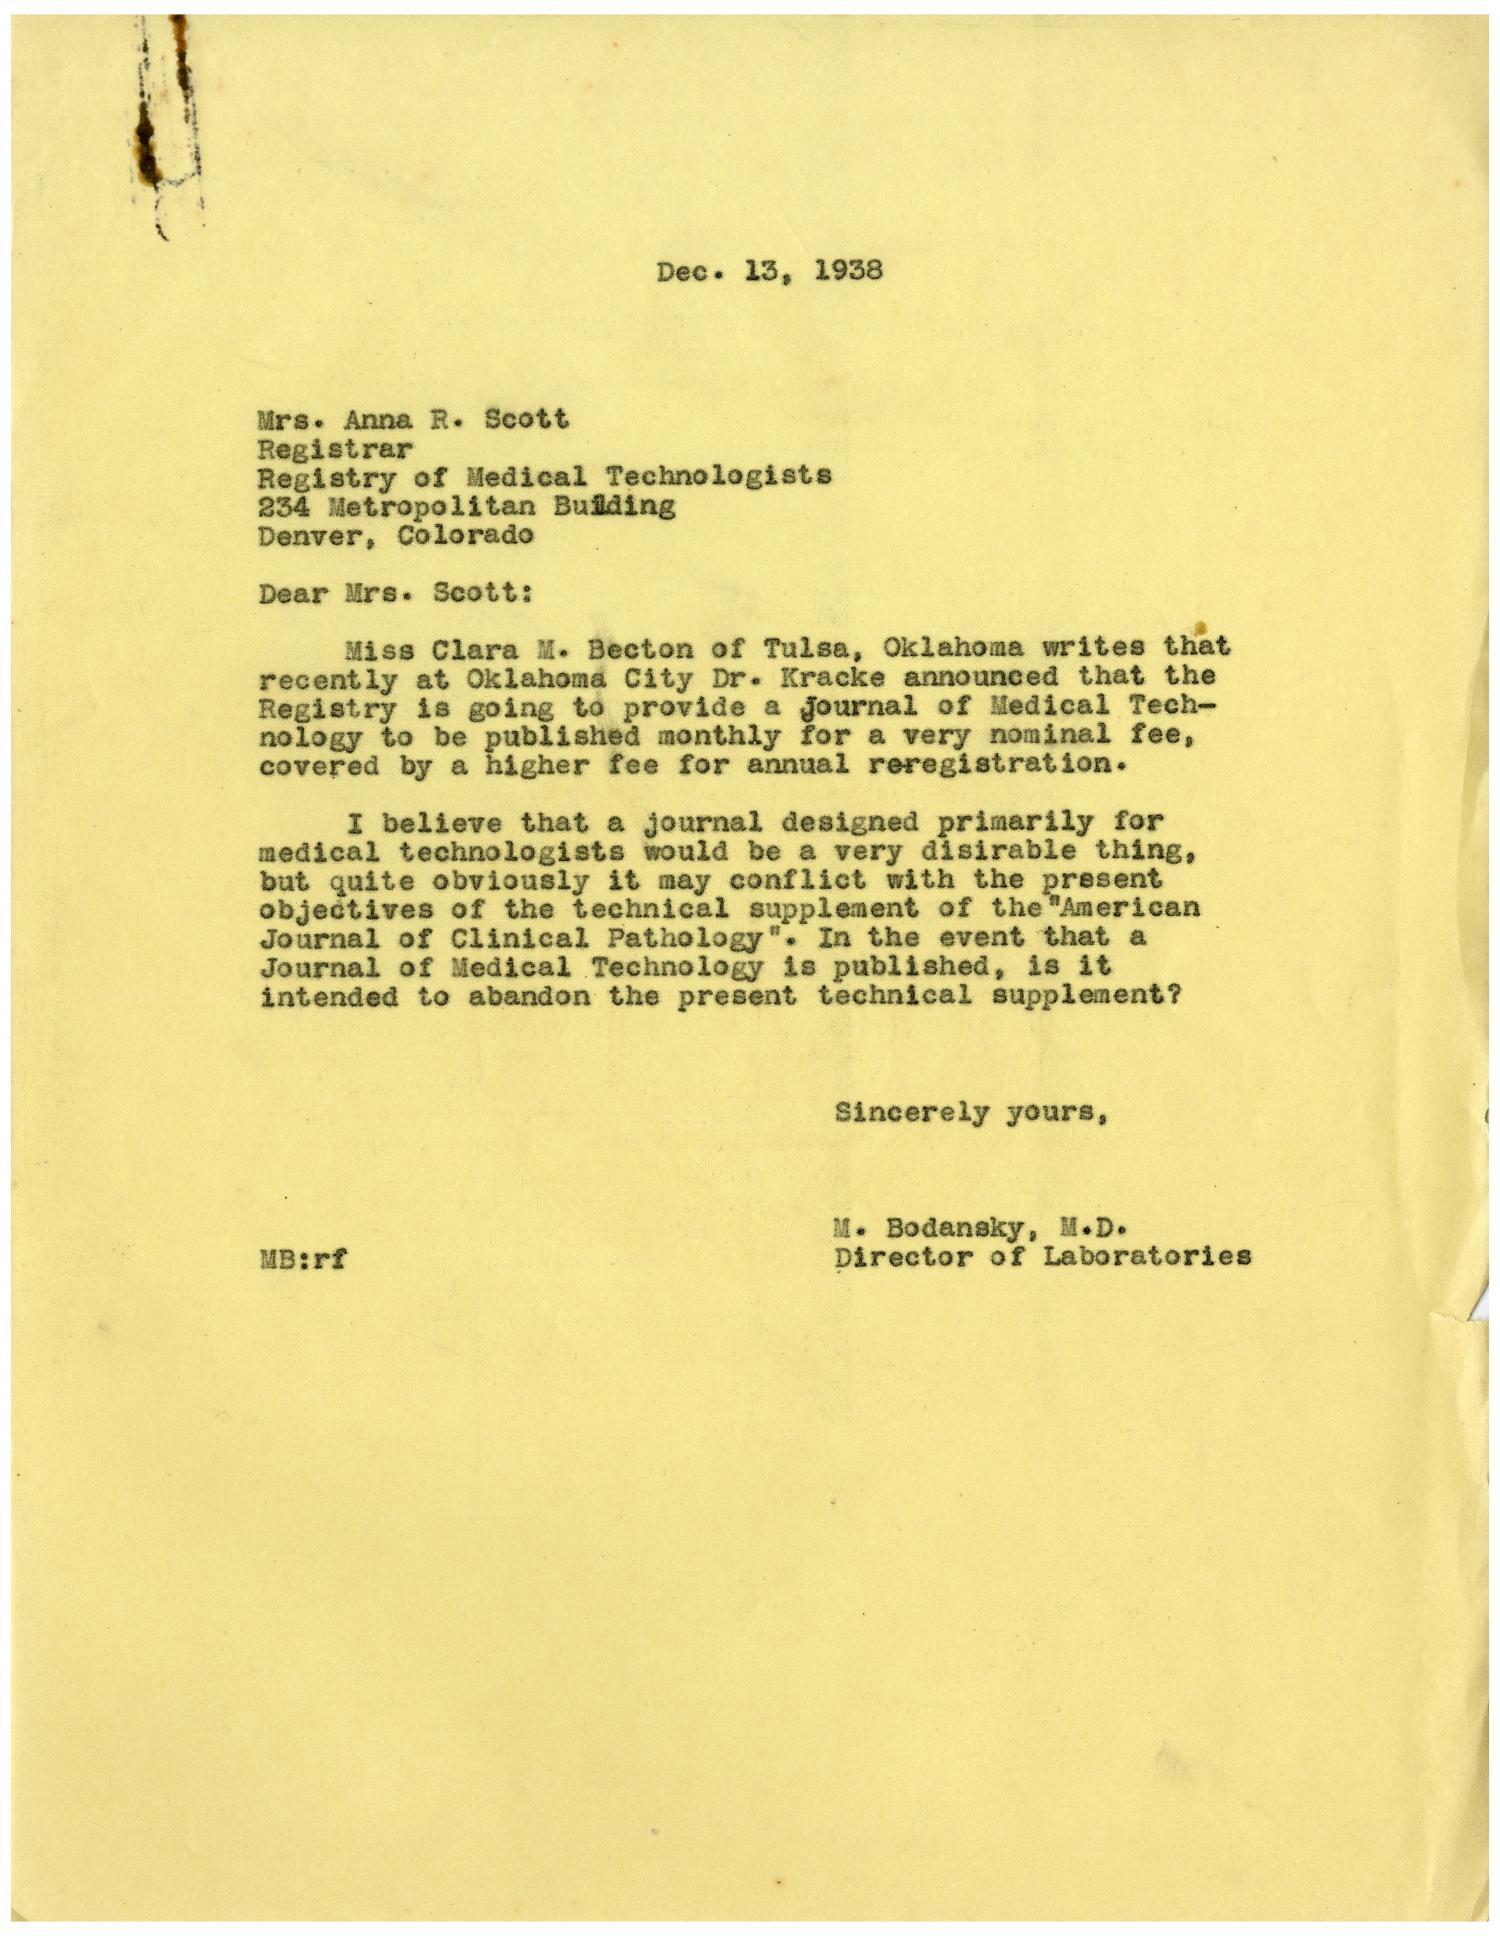 Letter from Meyer Bodansky to Mrs  Anna R  Scott - December 13, 1938